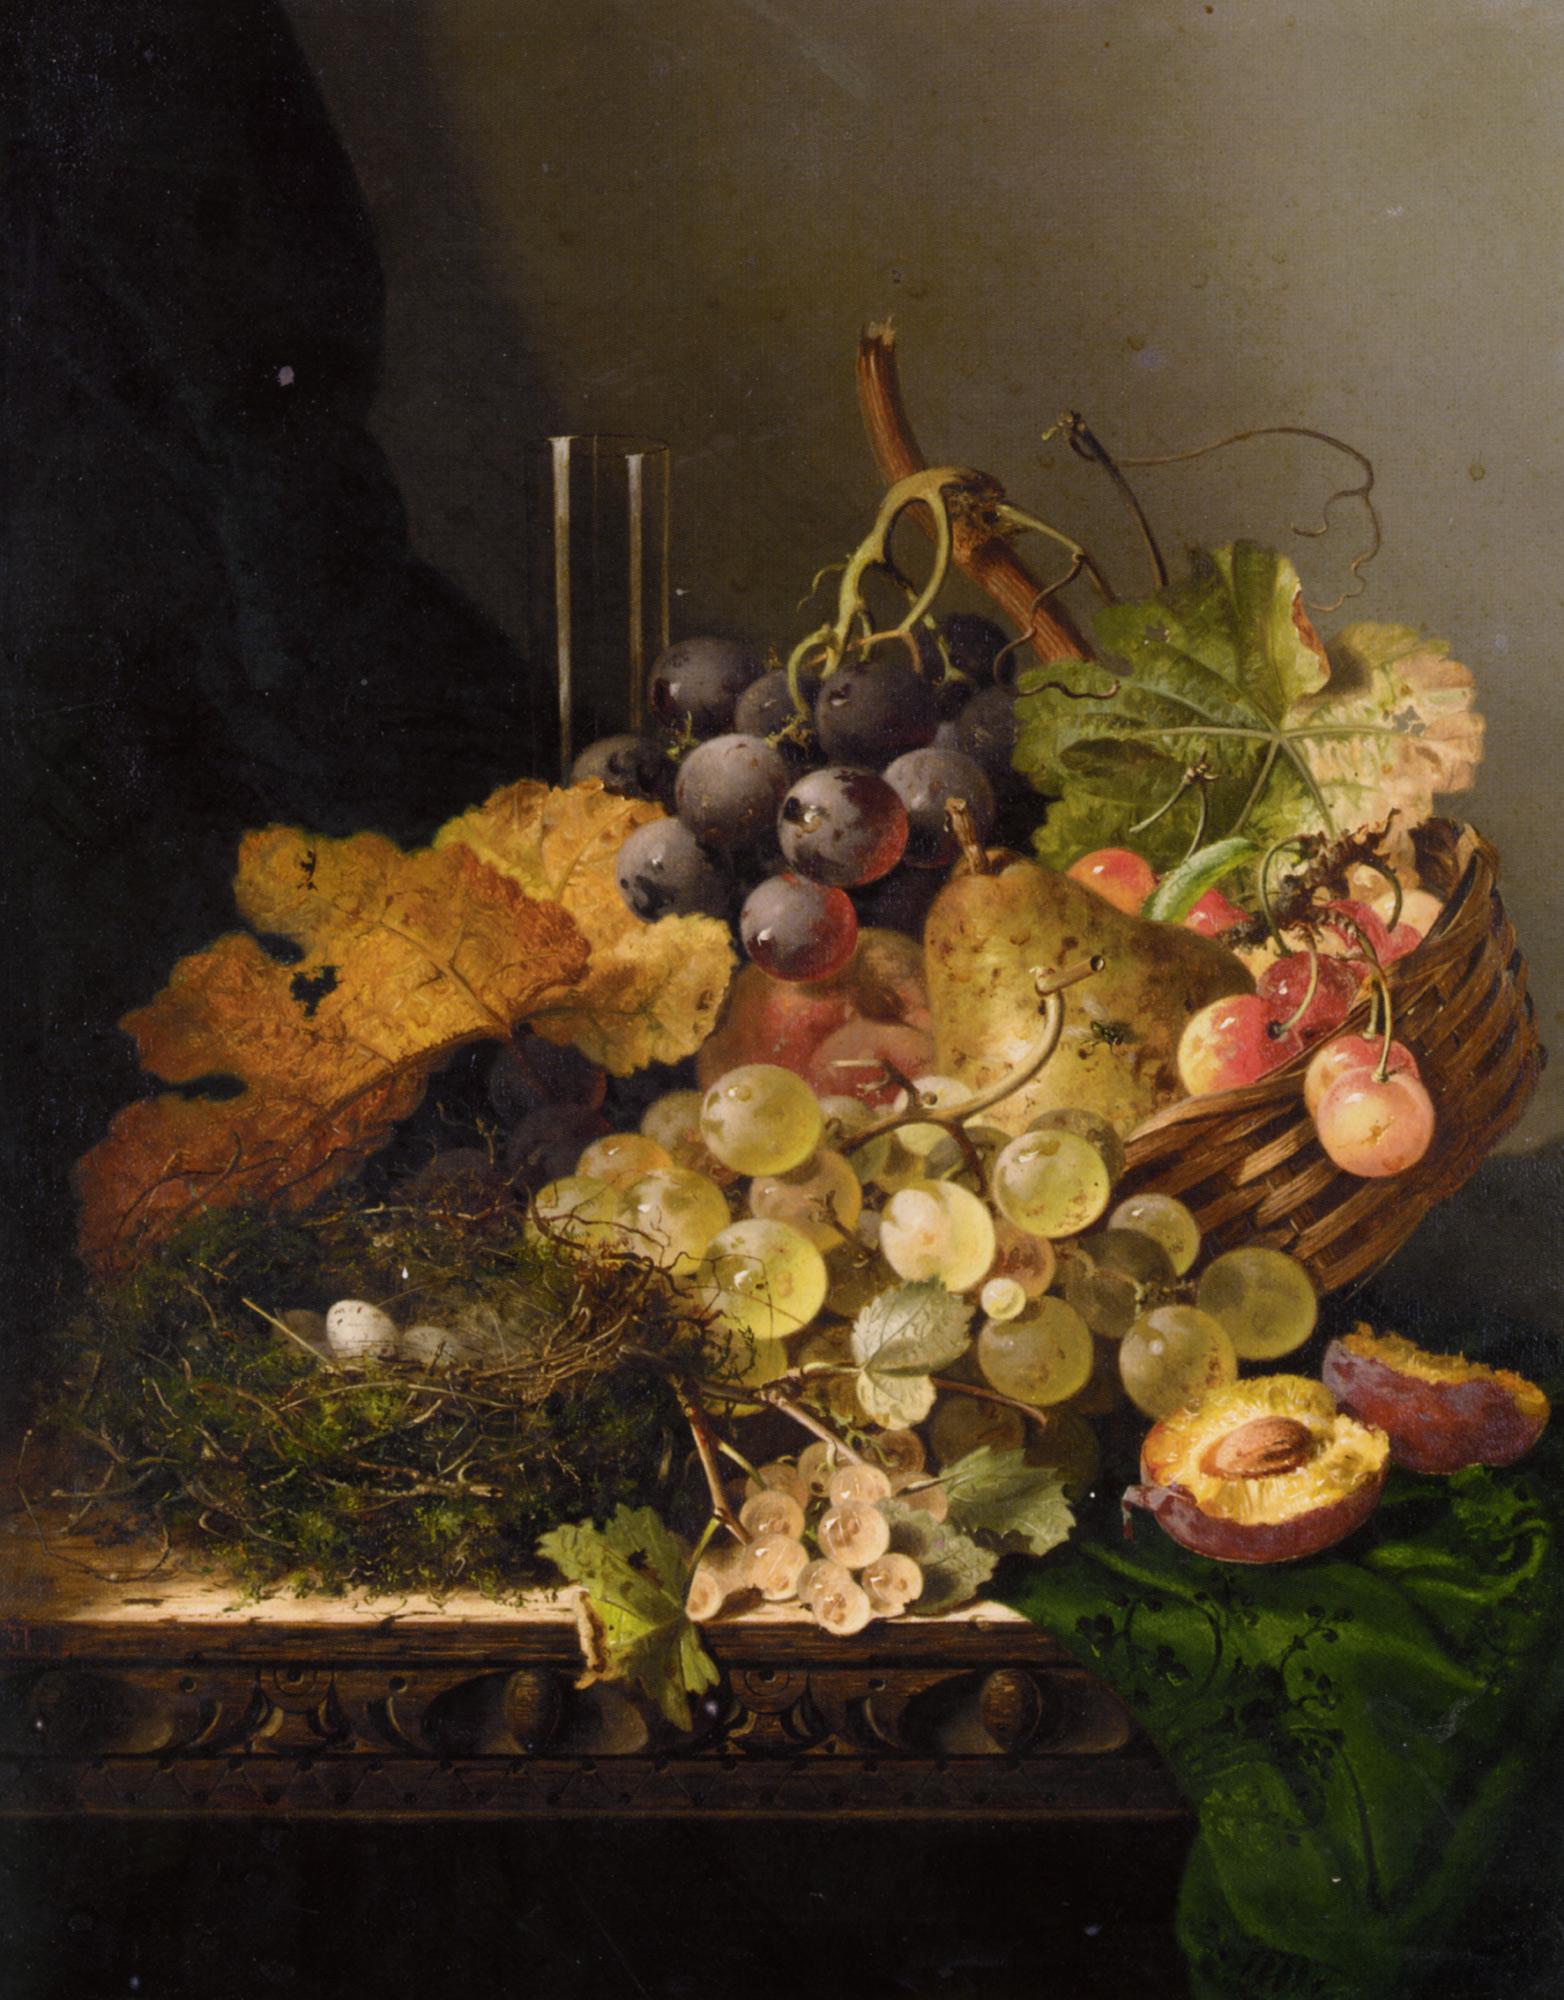 Still Life with Birds Nest :: Edward Ladell - Still-lives with fruit ôîòî